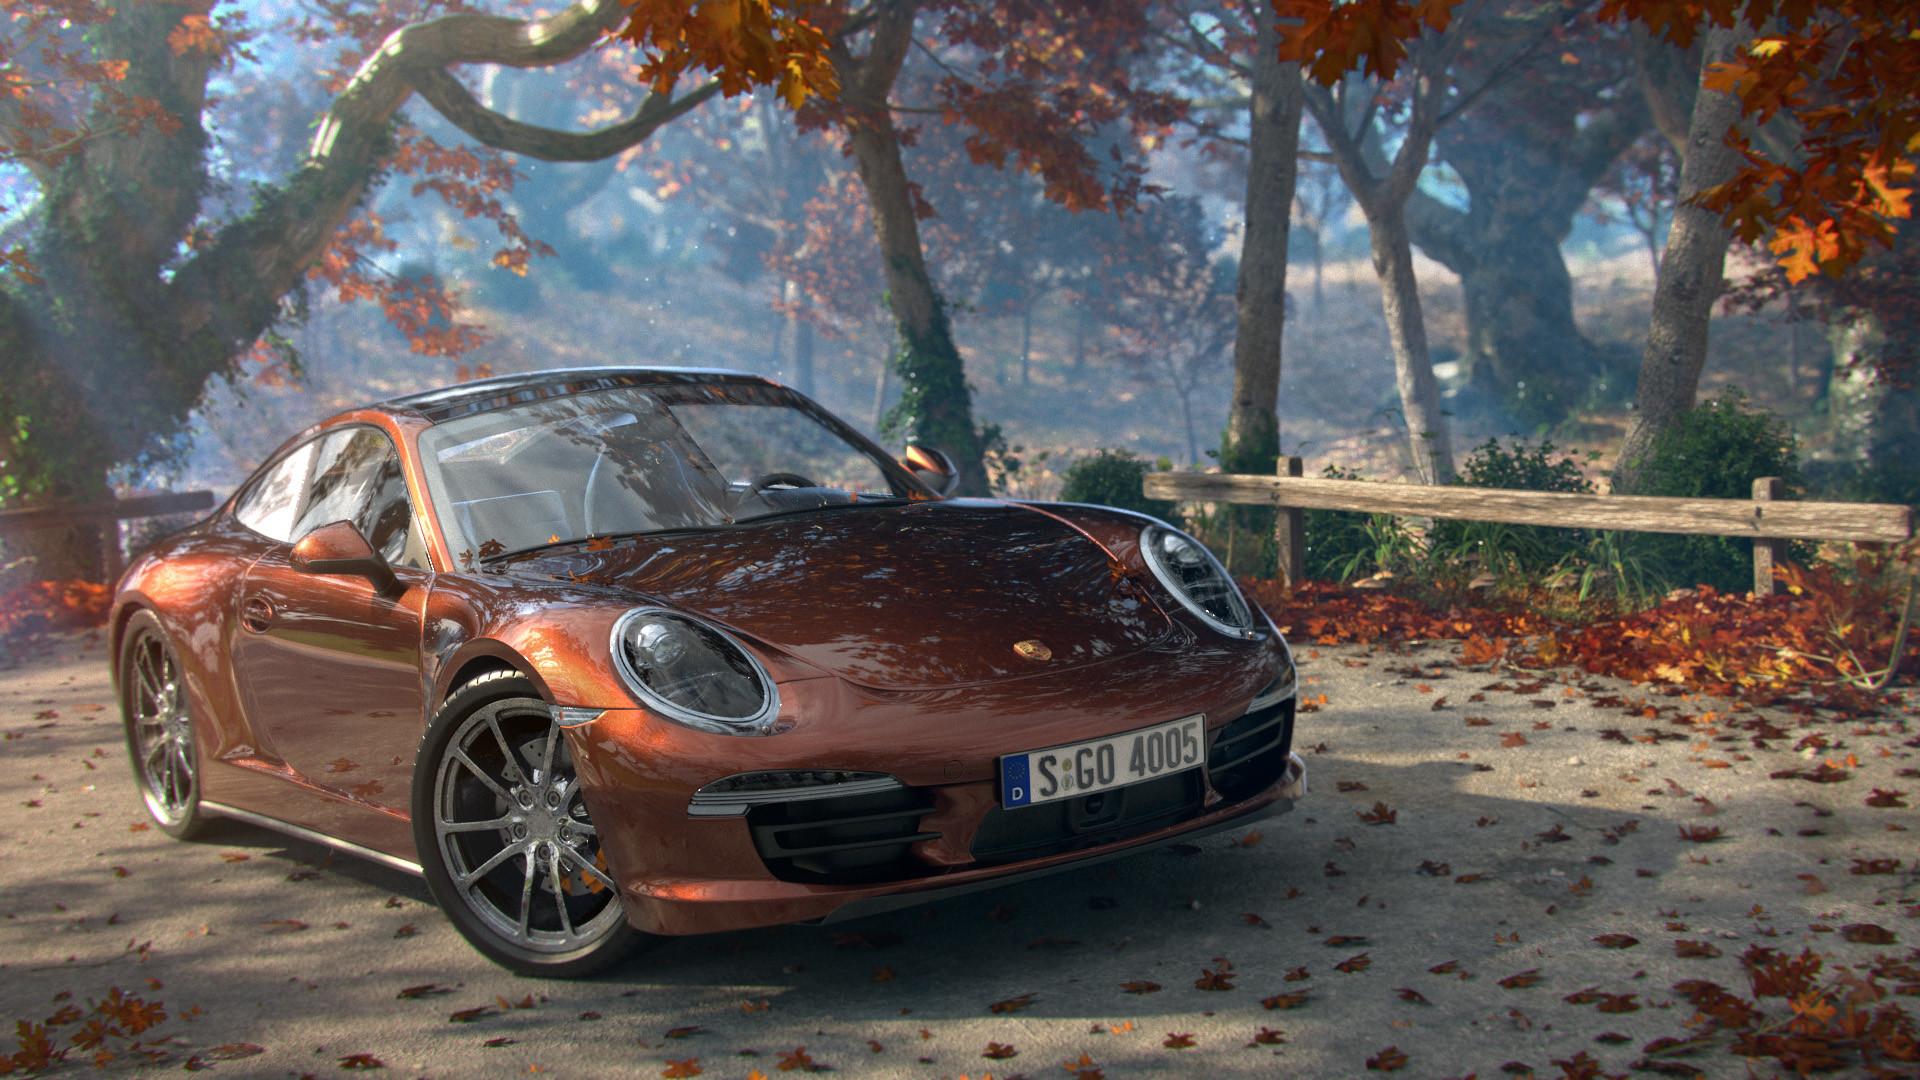 Porsche 911 Carrera дорога на телефон